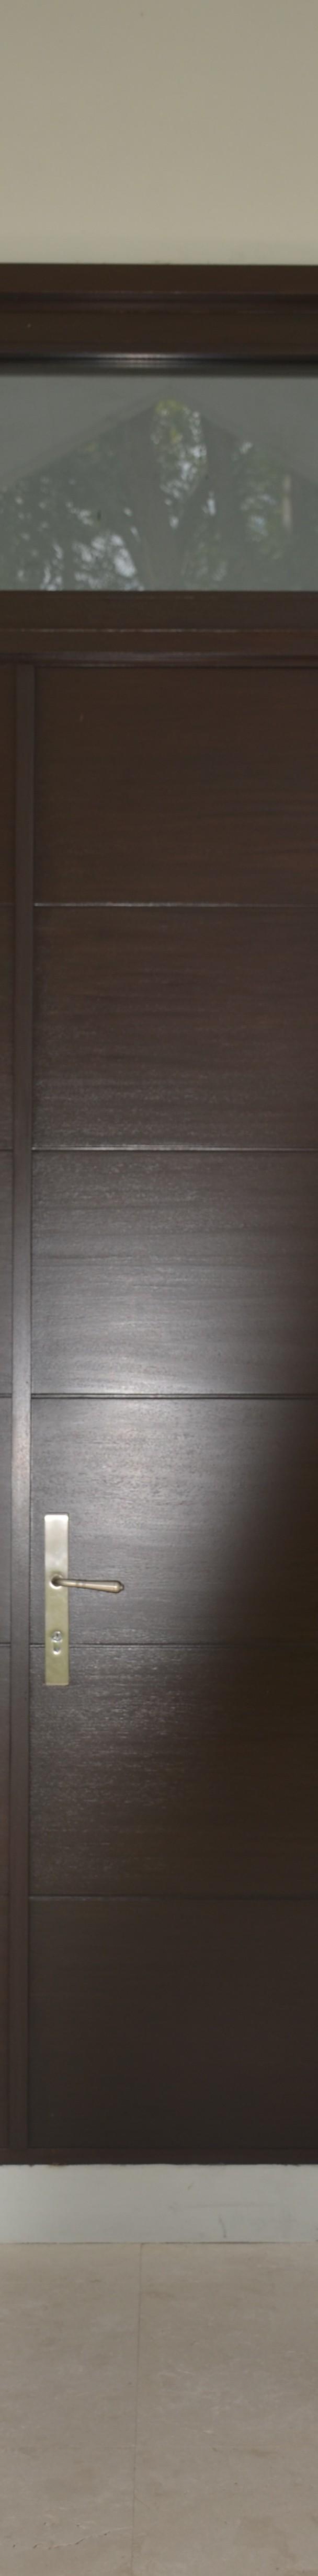 RM-ECOM 121